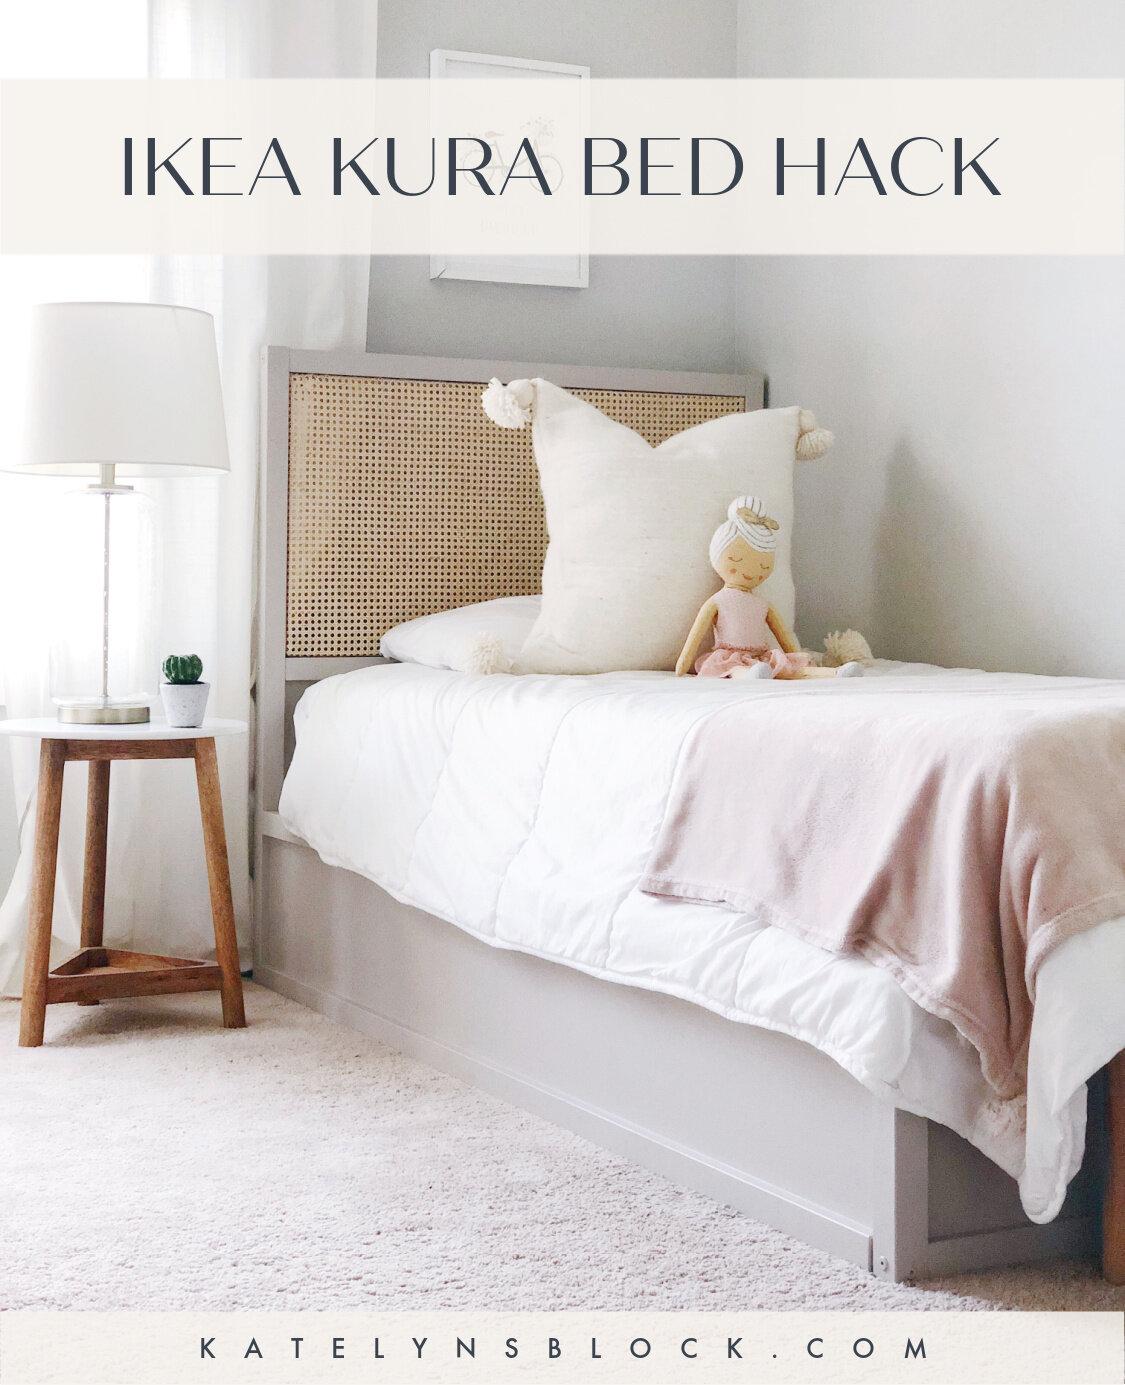 Ikea Kura Bed Hack Katelyn Block